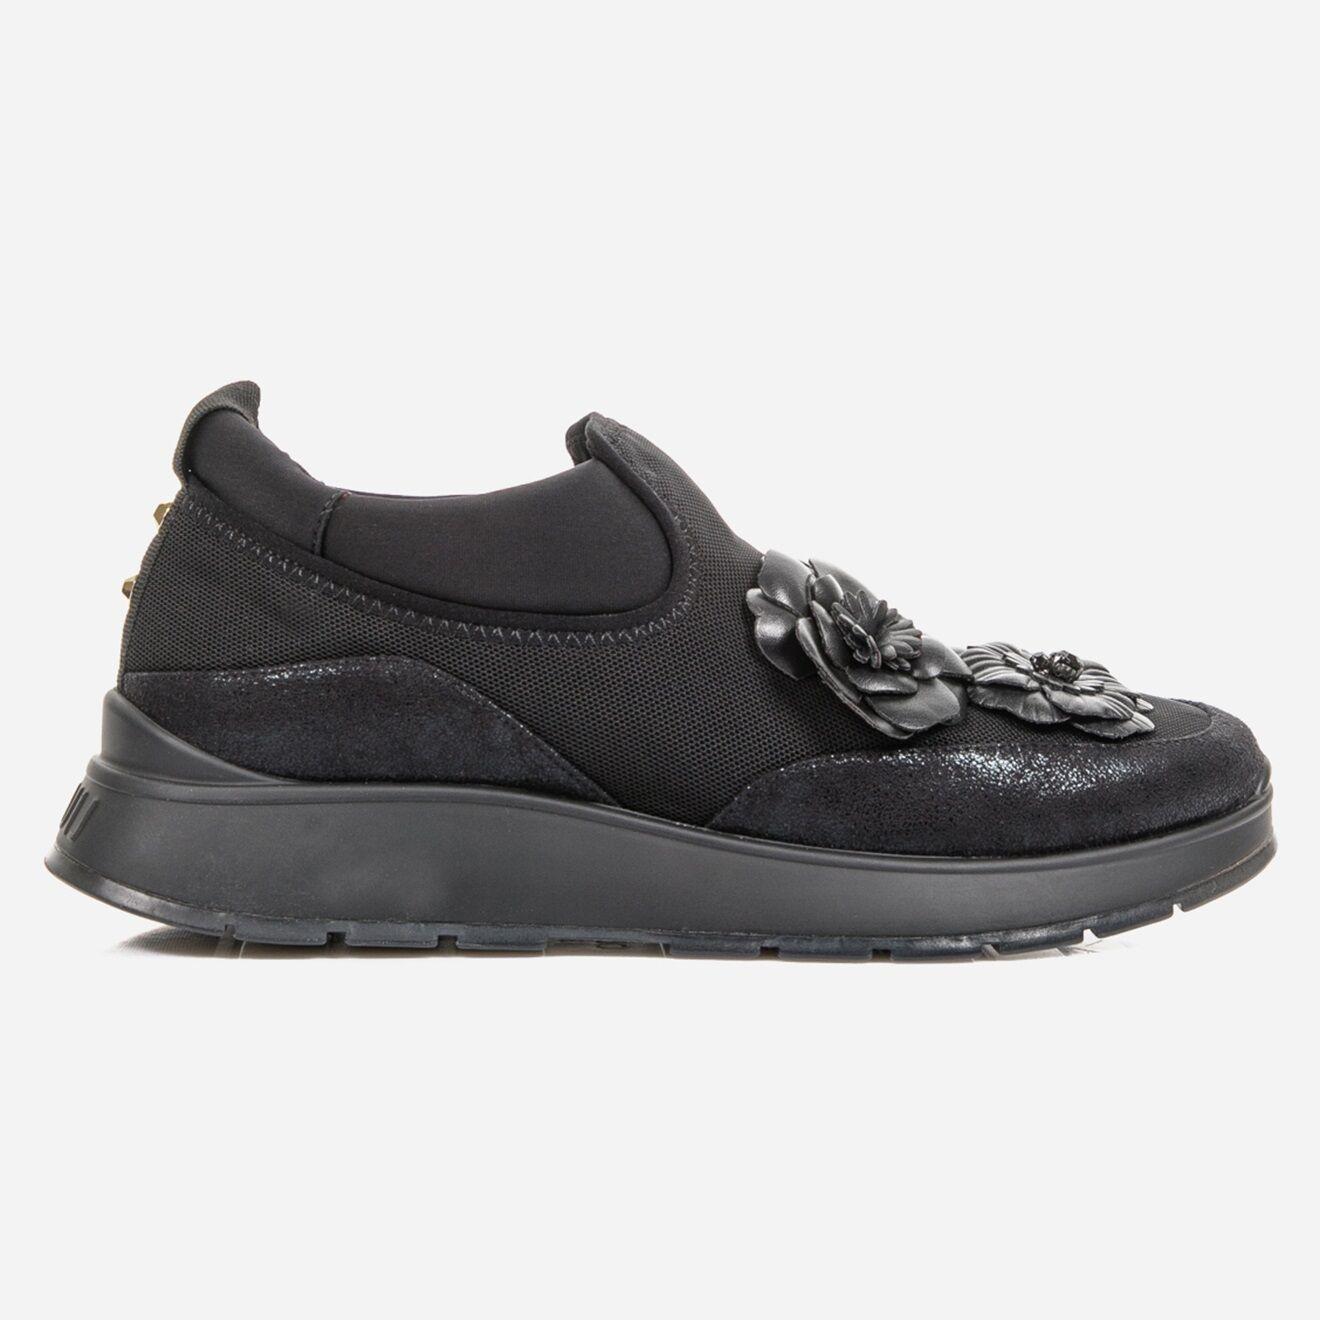 Sneakers en Cuir & Mesh Asia noires - Liu-Jo - Modalova